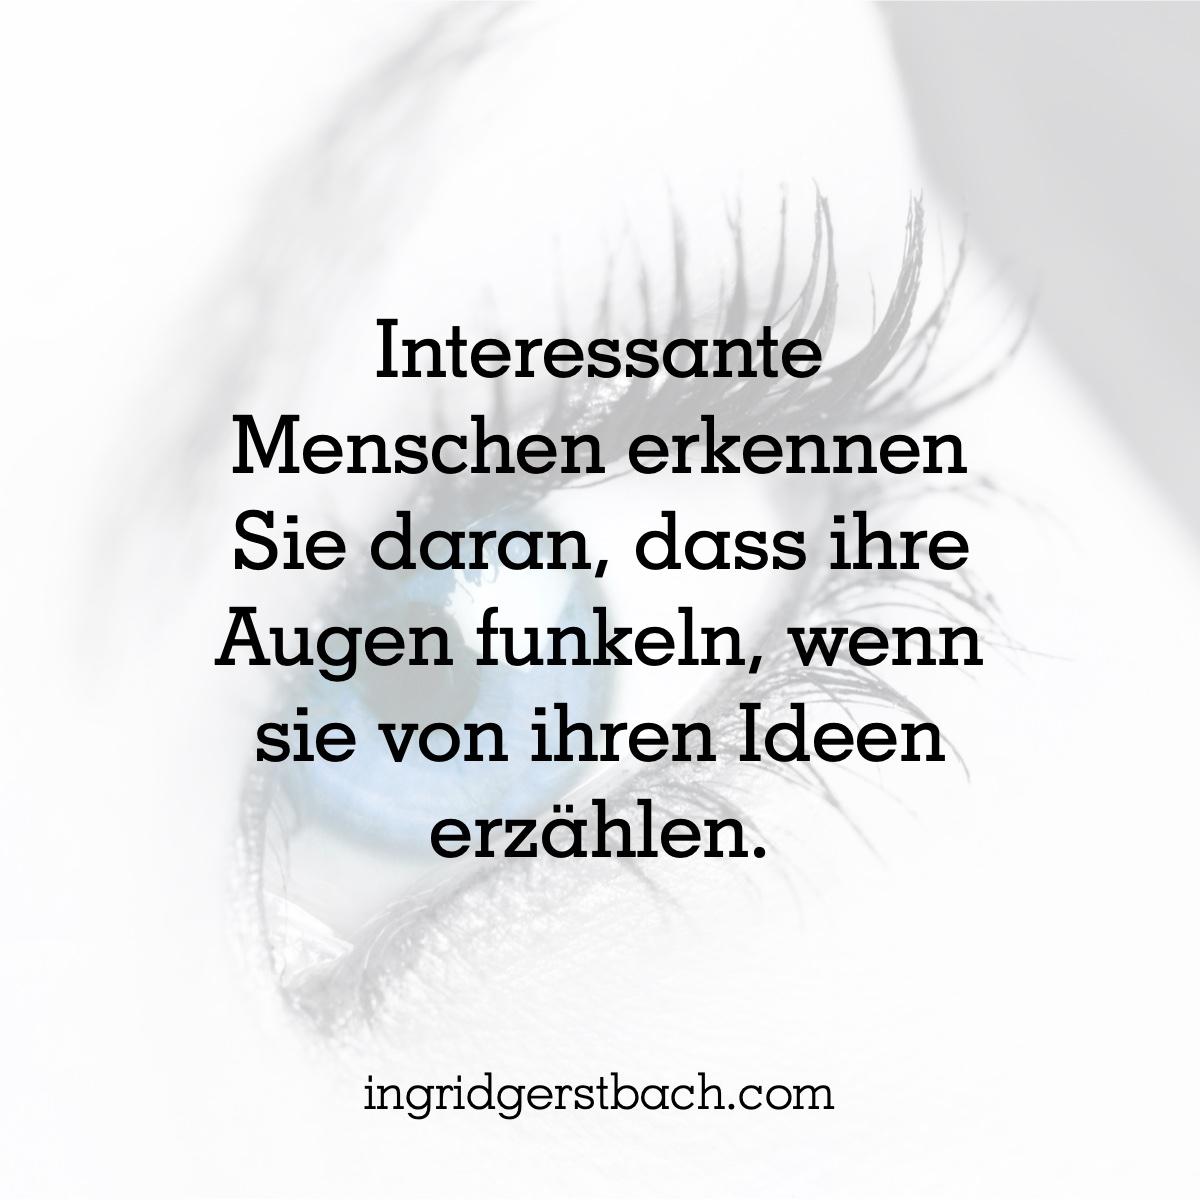 Ingrid-Gerstbach-Interessante-Menschen.jpg